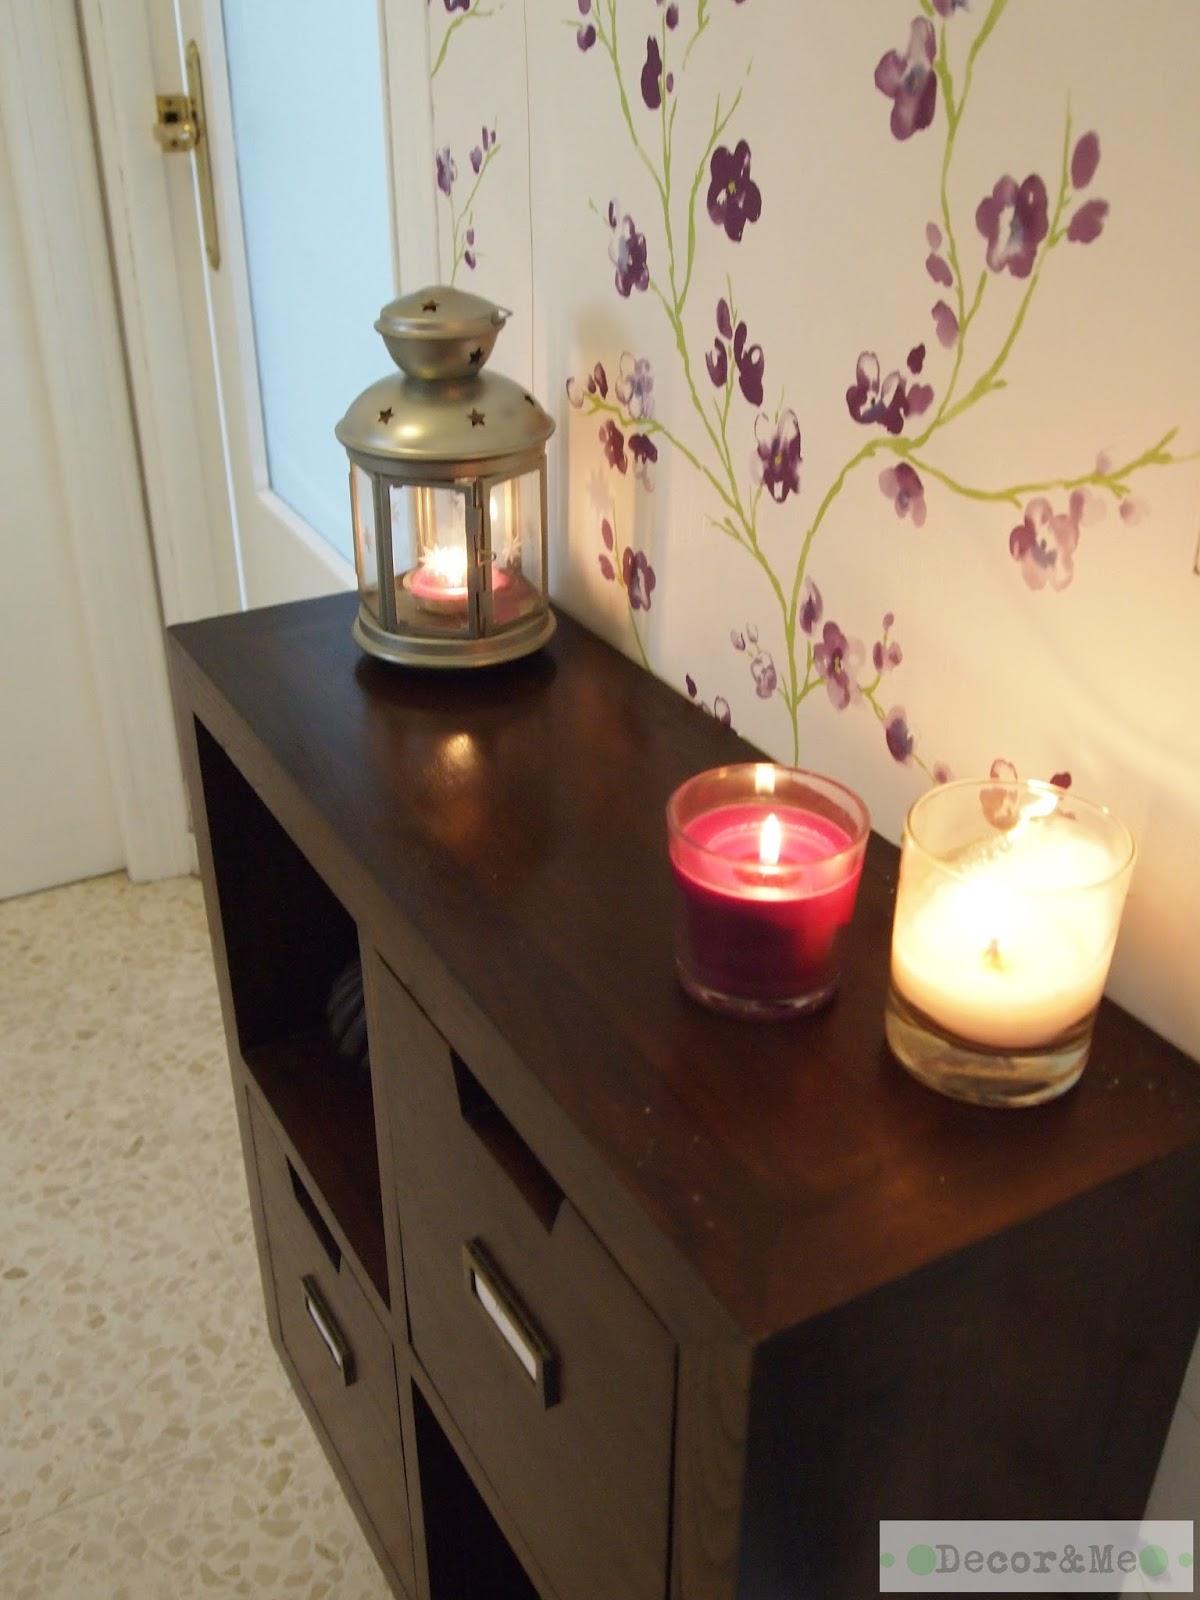 Tapar Gotele Leroy Merlin Excellent Finest Best El Dormitorio Del  ~ Comprar Carton Pluma Leroy Merlin